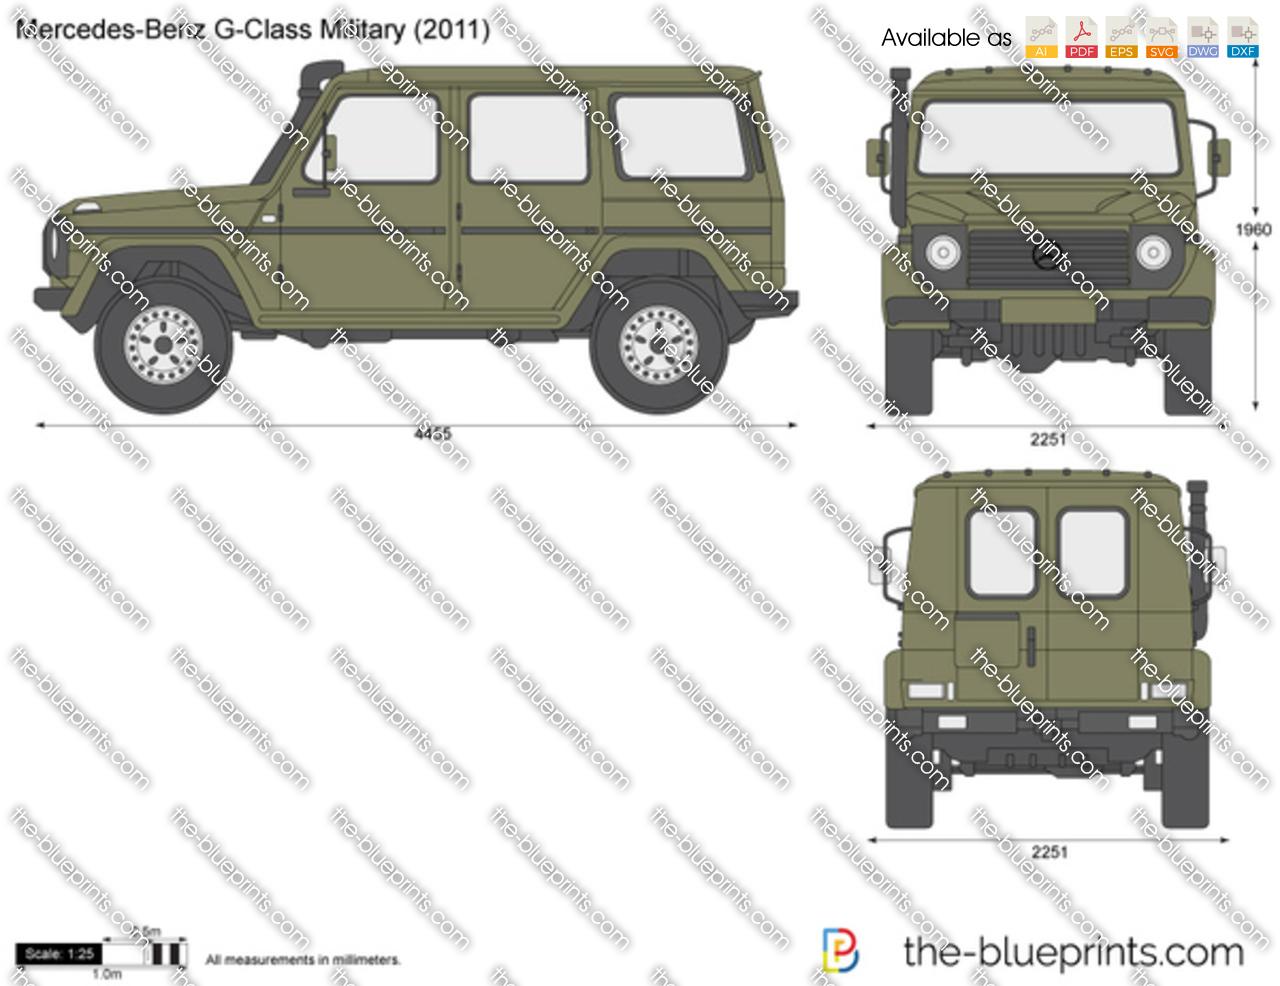 Mercedes-Benz G-Class Military 461 2016